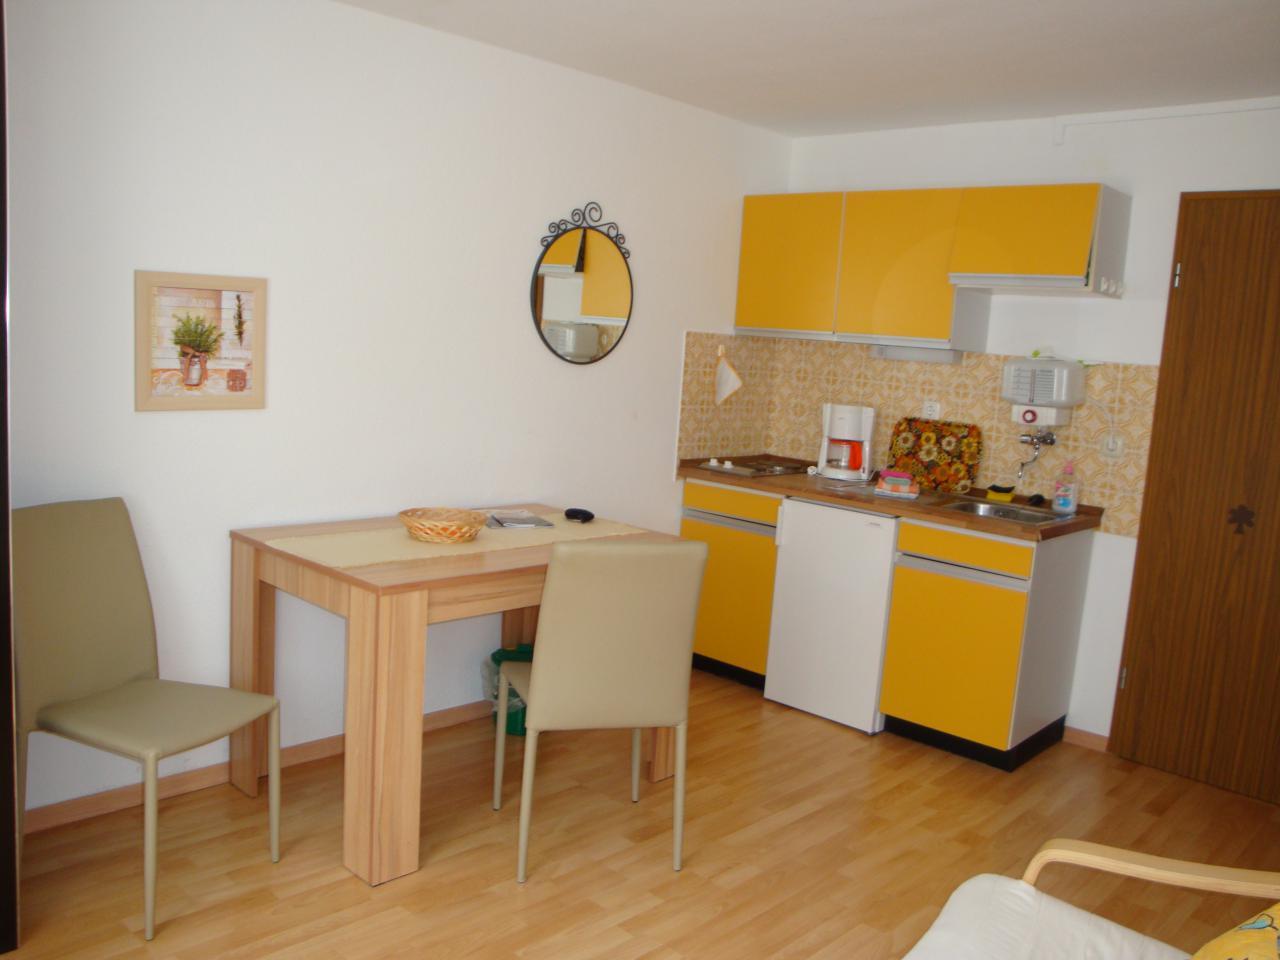 Küchenzeile Hofmeister ~ ferienhaus an der aussichtsdüne insel baltrum